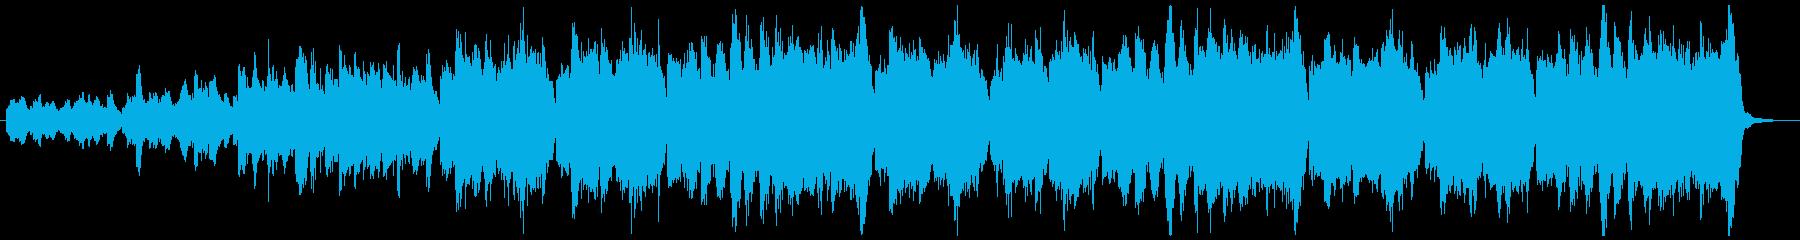 不気味な雰囲気のオーケストラBGMの再生済みの波形